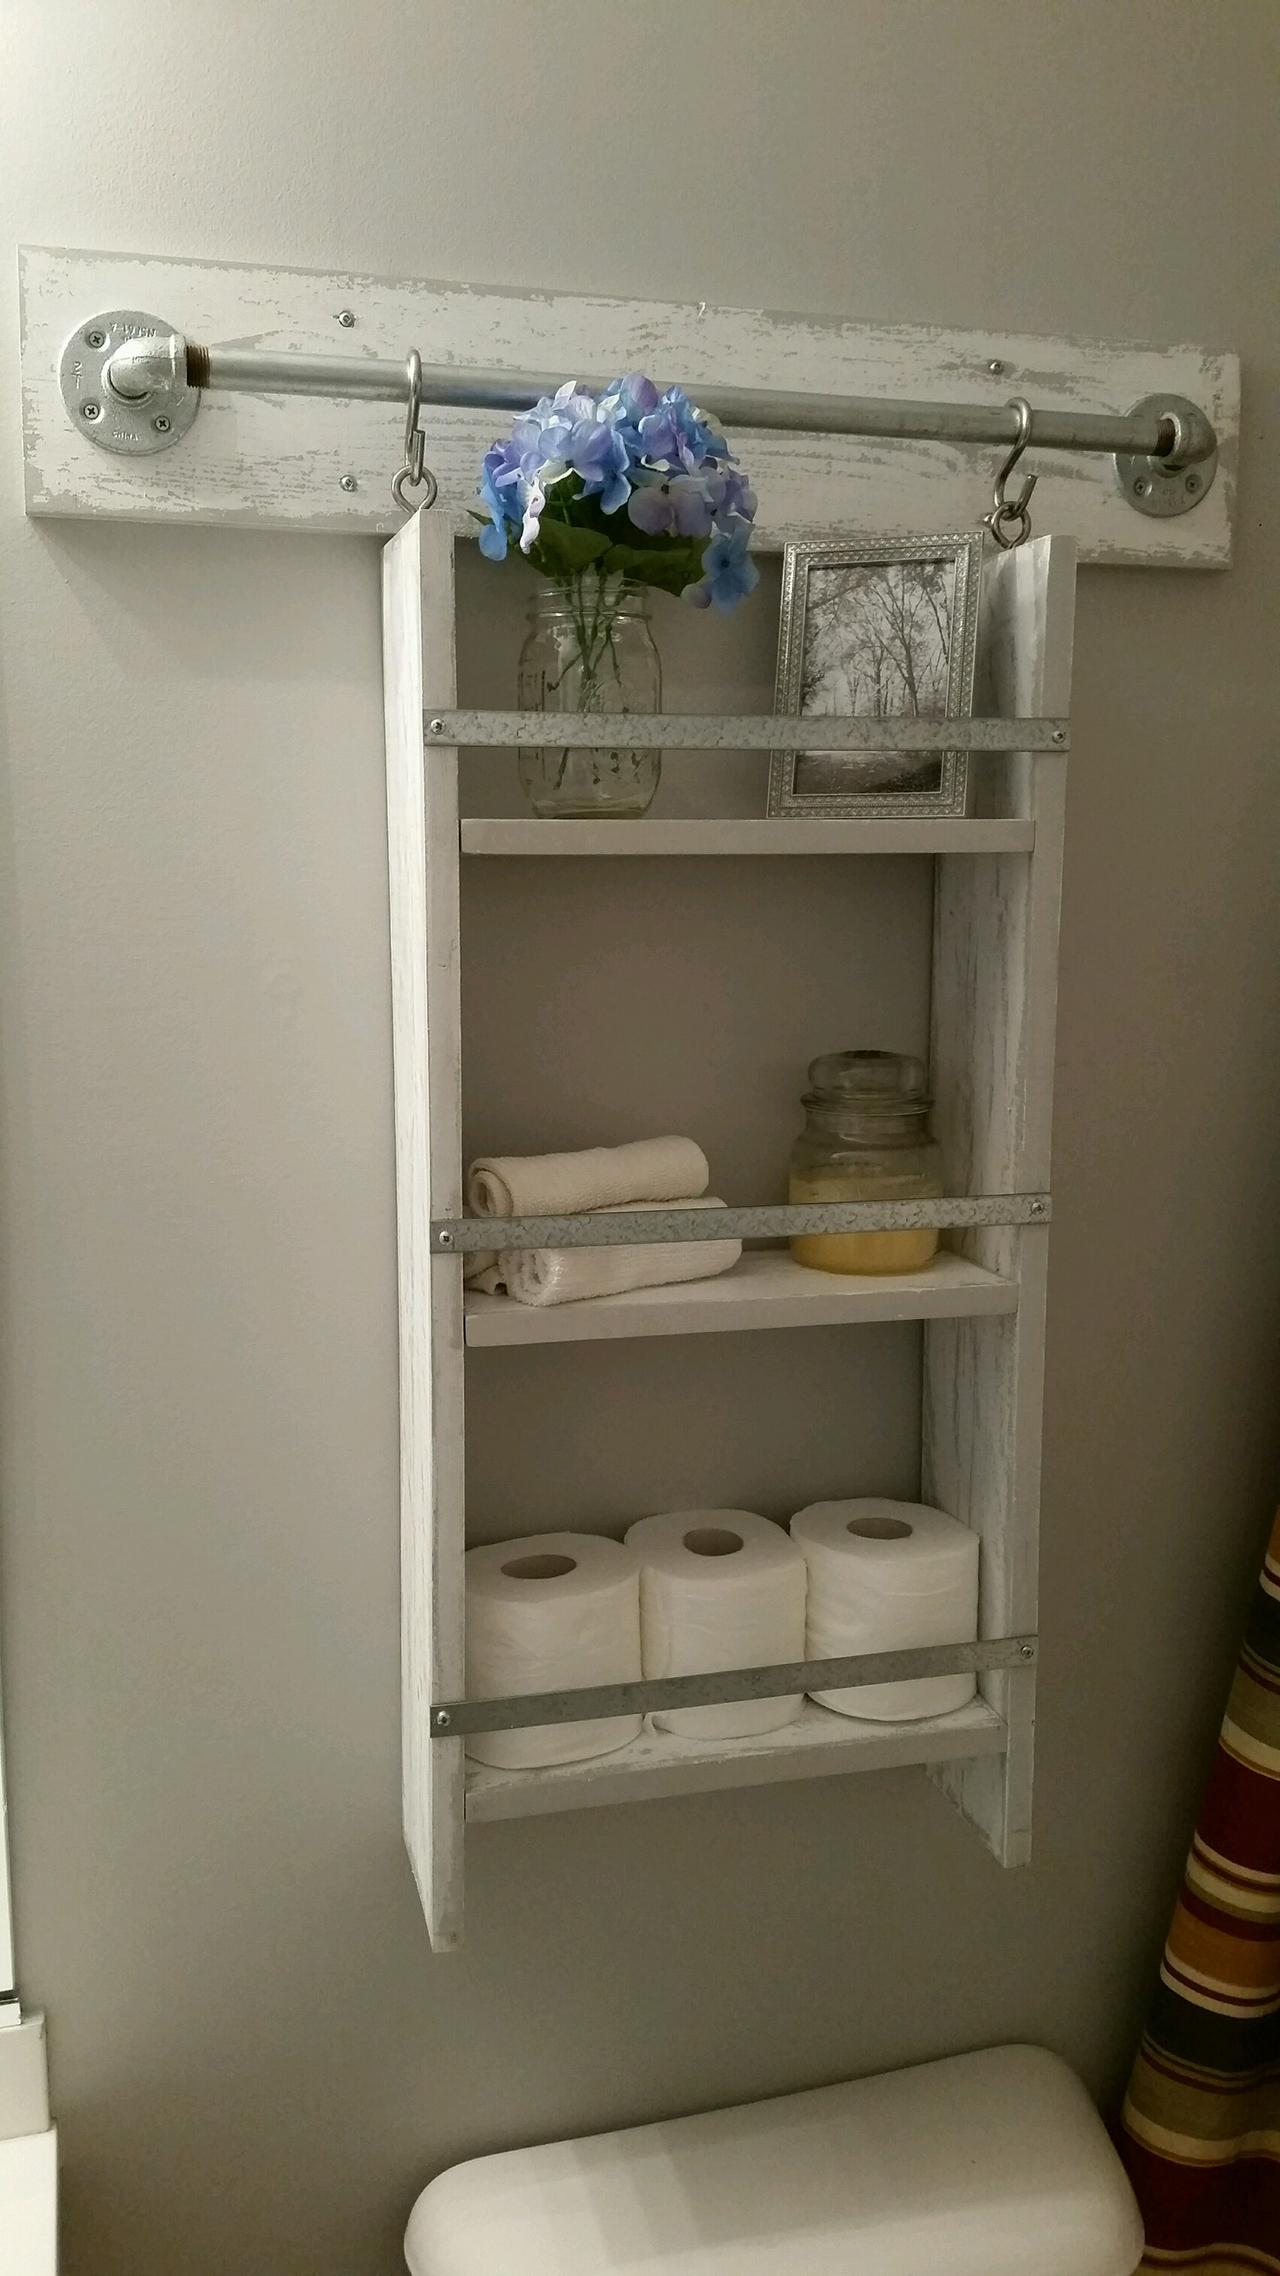 Whitewashed Storage Rack with Towel Bar Hooks